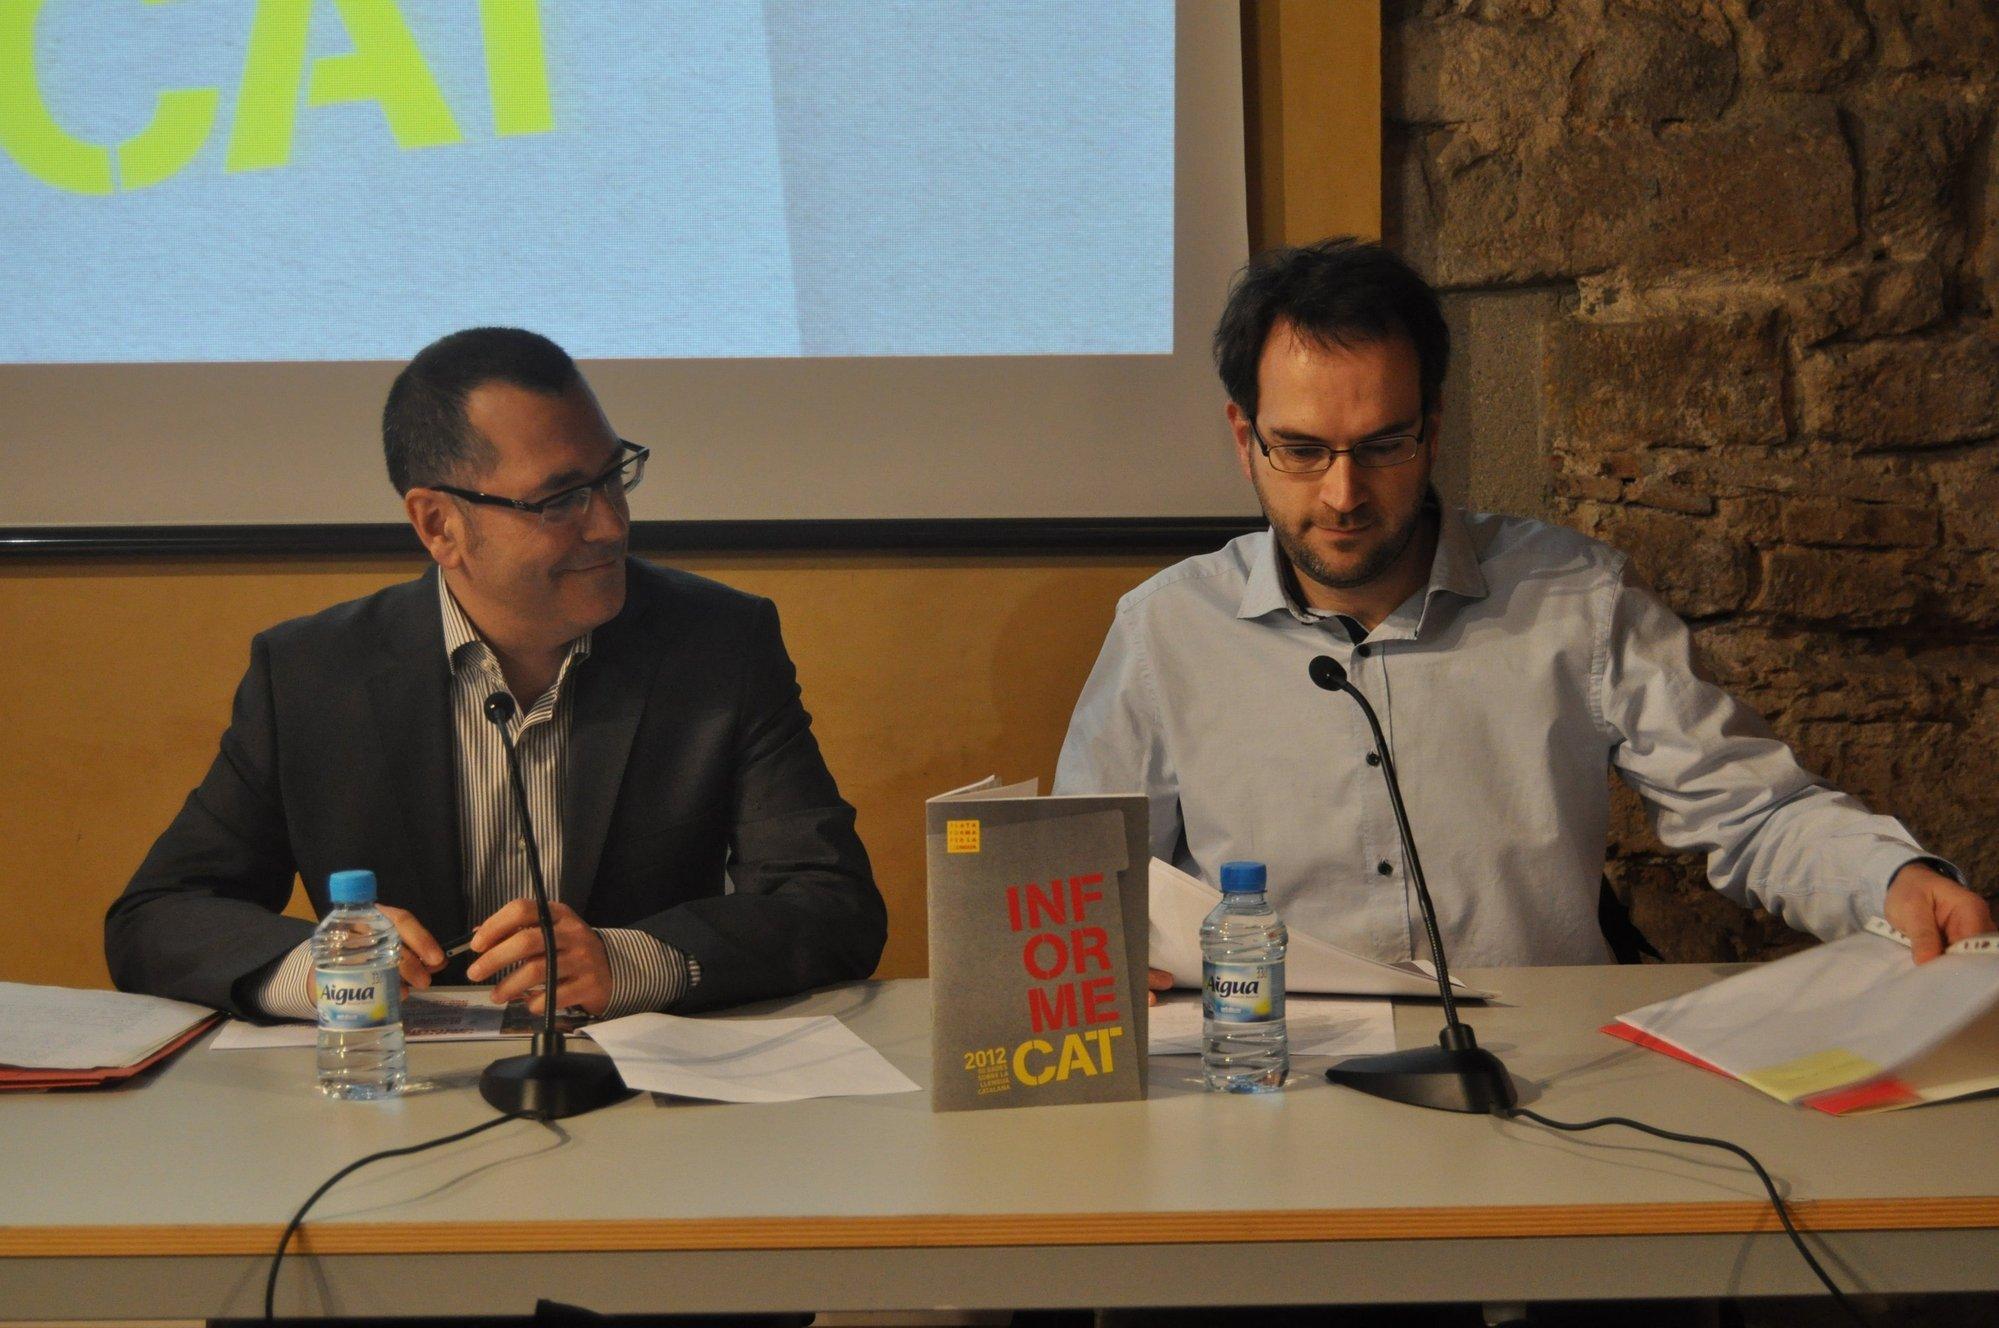 El catalán es la decimocuarta lengua más hablada en la UE, según un informe de la Plataforma per la Llengua